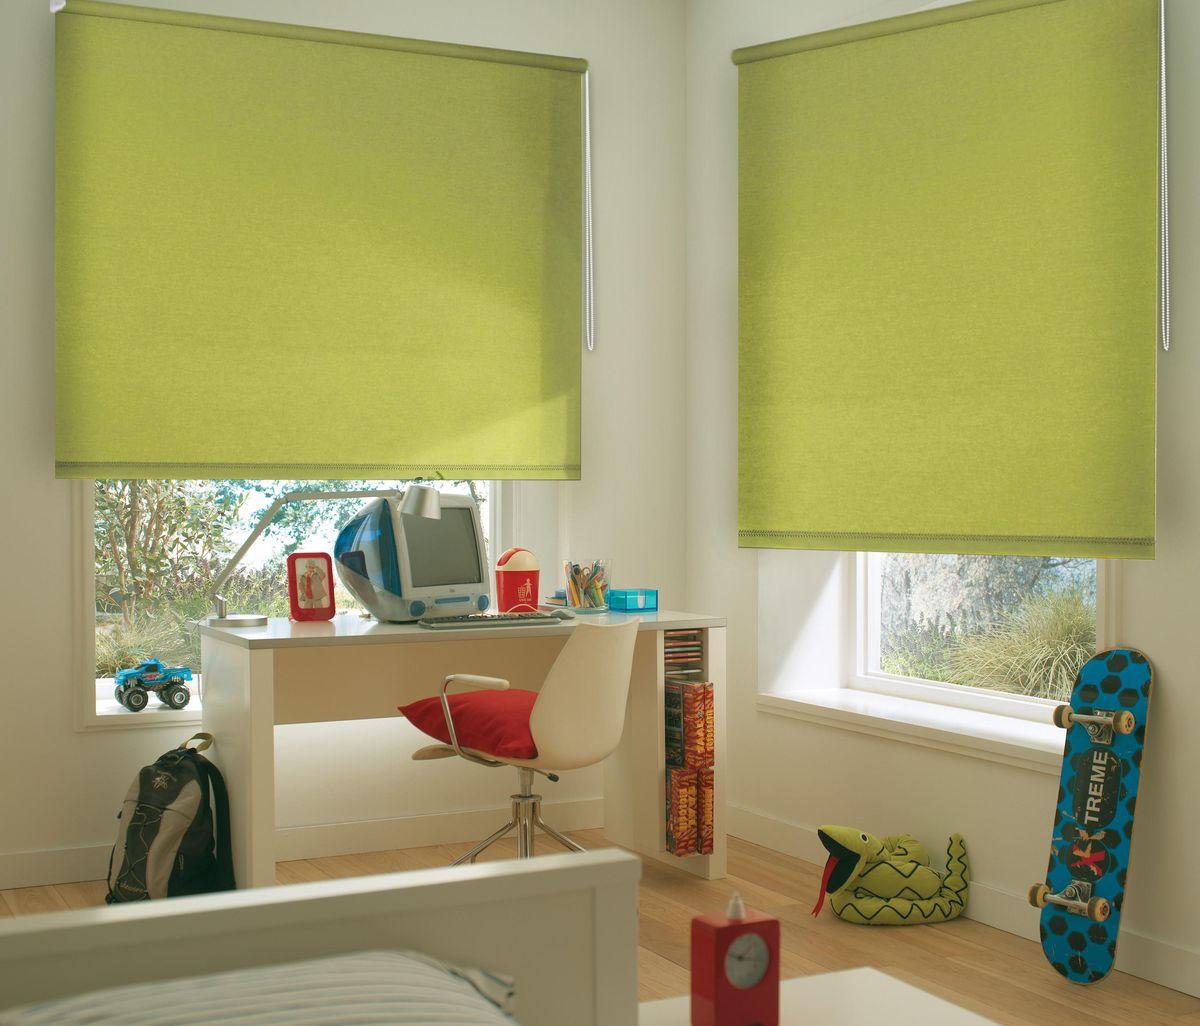 Штора рулонная Эскар Ролло. Однотонные, цвет: салатовый, ширина 60 см, высота 170 см81014060170Рулонными шторами можно оформлять окна как самостоятельно, так ииспользовать в комбинации с портьерами. Это поможет предотвратитьвыгорание дорогой ткани на солнце и соединит функционал рулонных скрасотой навесных. Преимущества применения рулонных штор для пластиковых окон: - имеют прекрасный внешний вид: многообразие и фактурность материалаизделия отлично смотрятся в любом интерьере;- многофункциональны: есть возможность подобрать шторы способныеэффективно защитить комнату от солнца, при этом о на не будет слишкомтемной.- Есть возможность осуществить быстрый монтаж. ВНИМАНИЕ! Размеры ширины изделия указаны по ширине ткани! Во время эксплуатации не рекомендуется полностью разматывать рулон, чтобыне оторвать ткань от намоточного вала. В случае загрязнения поверхности ткани, чистку шторы проводят одним изспособов, в зависимости от типа загрязнения:легкое поверхностное загрязнение можно удалить при помощи канцелярскоголастика;чистка от пыли производится сухим методом при помощи пылесоса с мягкойщеткой-насадкой;для удаления пятна используйте мягкую губку с пенообразующим неагрессивныммоющим средством или пятновыводитель на натуральной основе (нельзяприменять растворители).